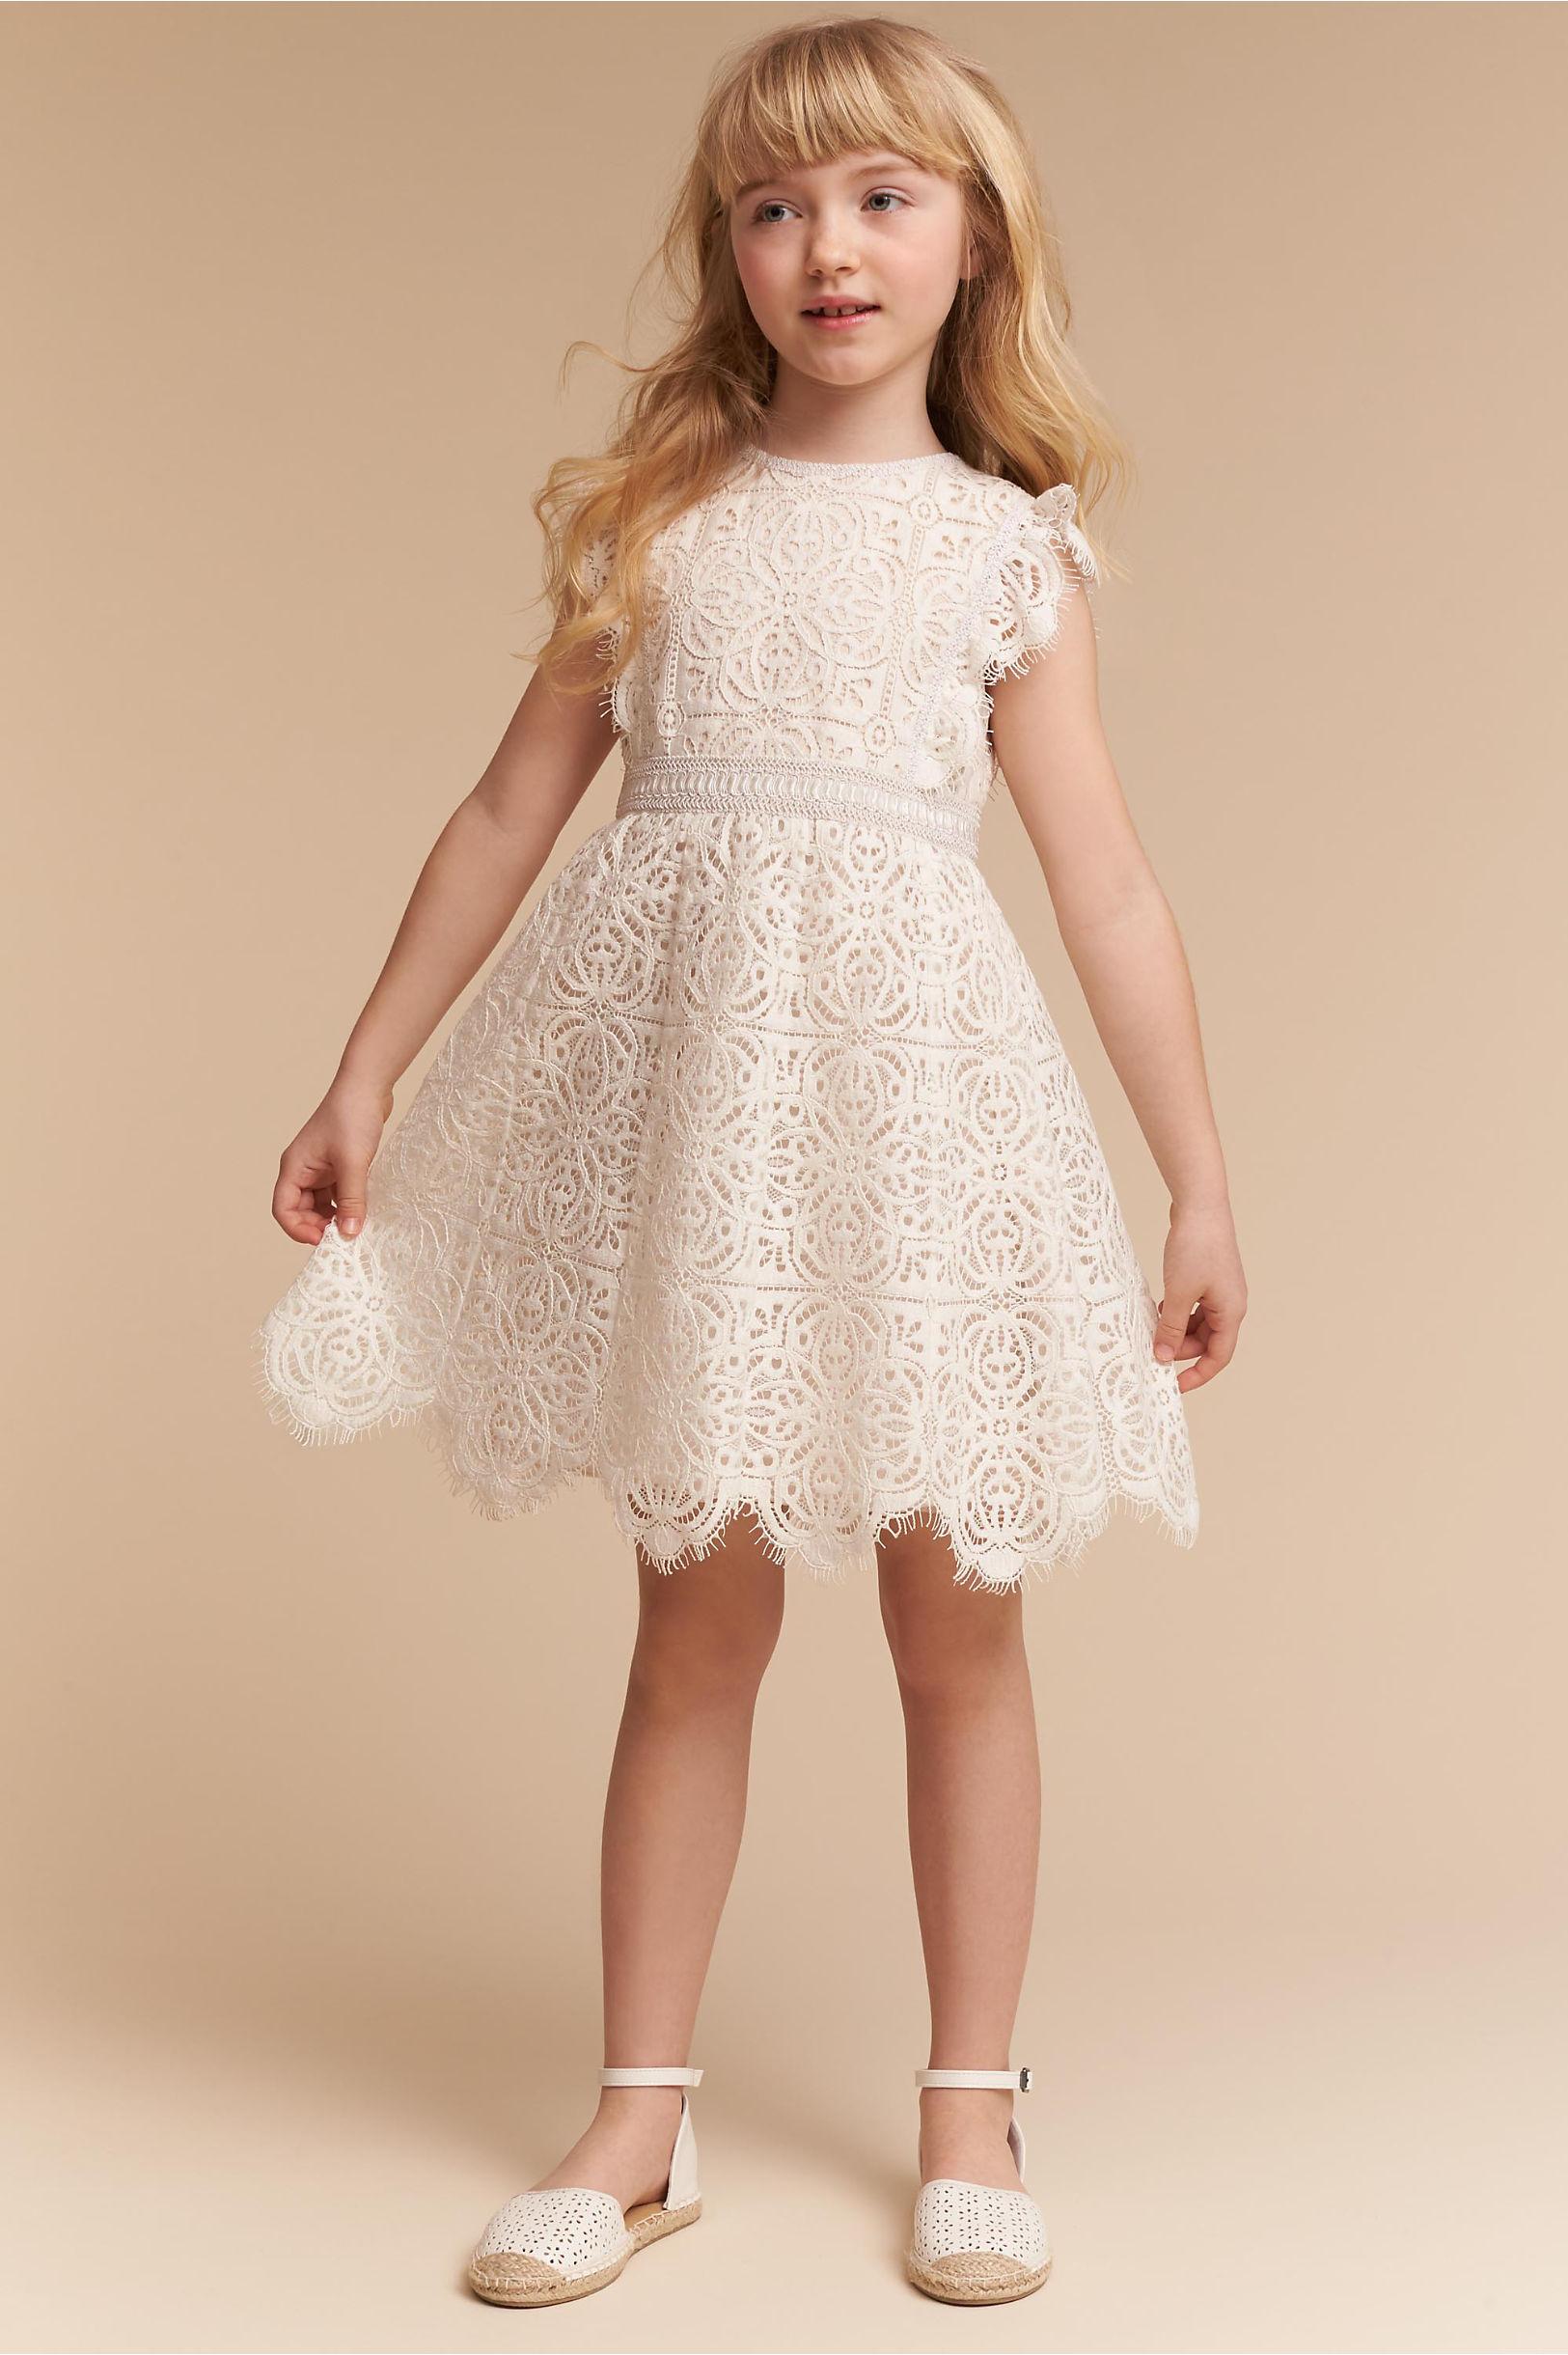 Flower Girl Dresses & Junior Bridesmaid Dresses | BHLDN